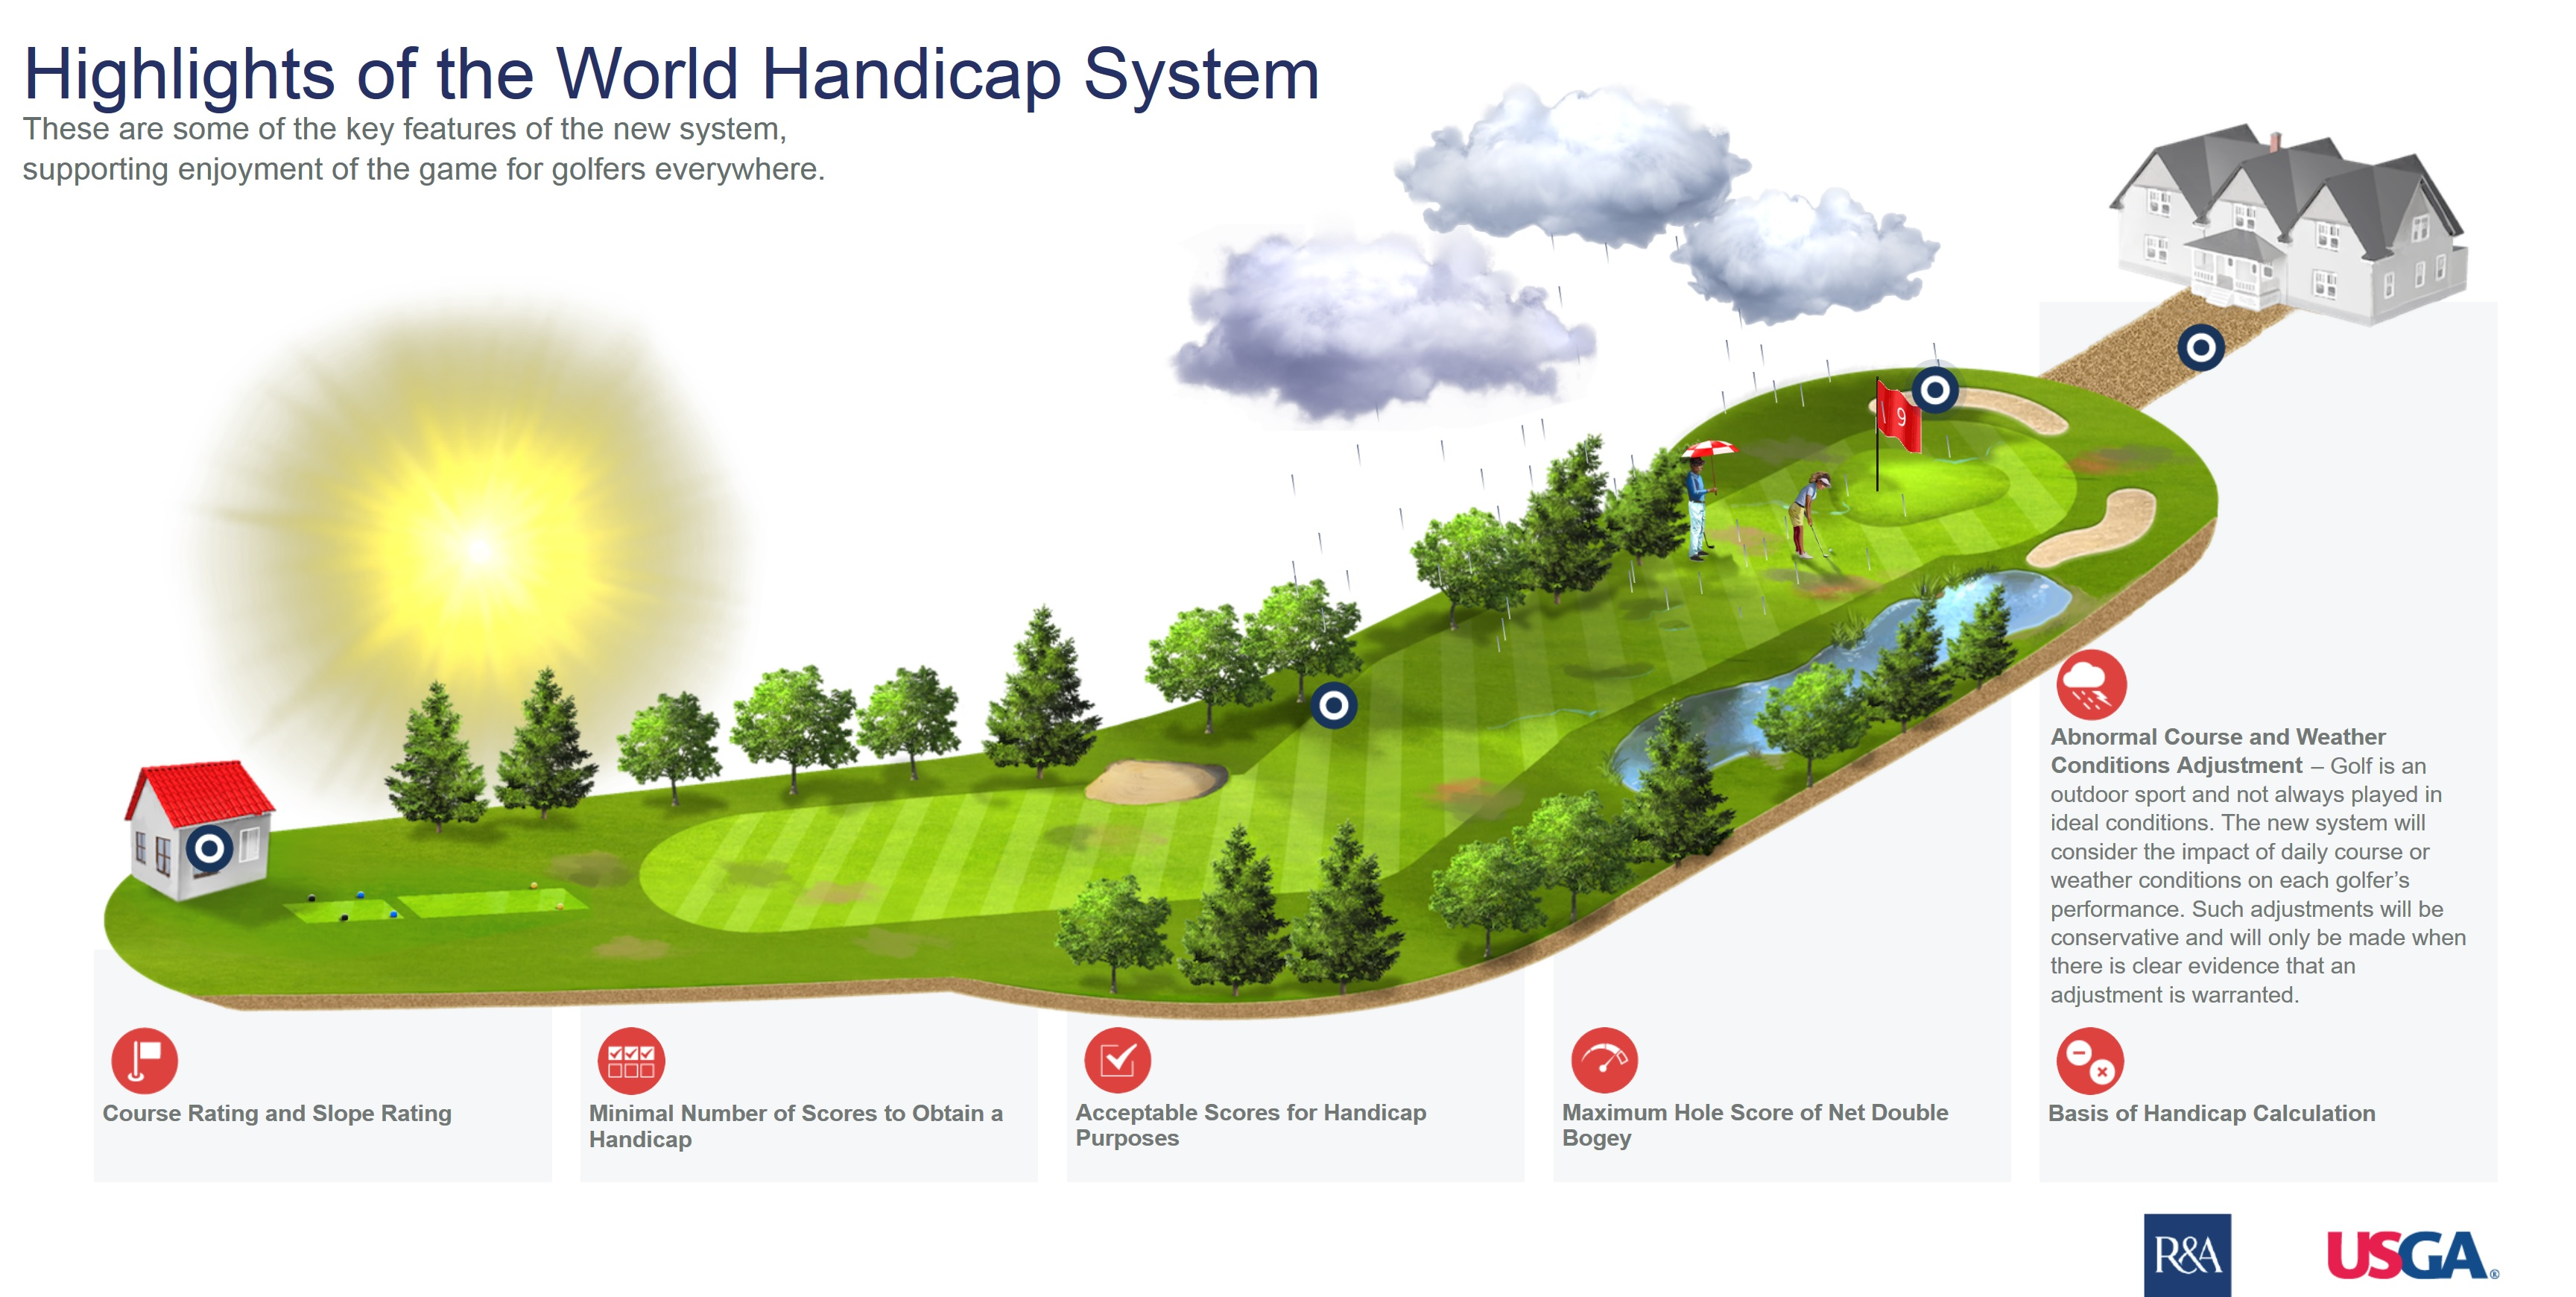 World Handicap System Highlights